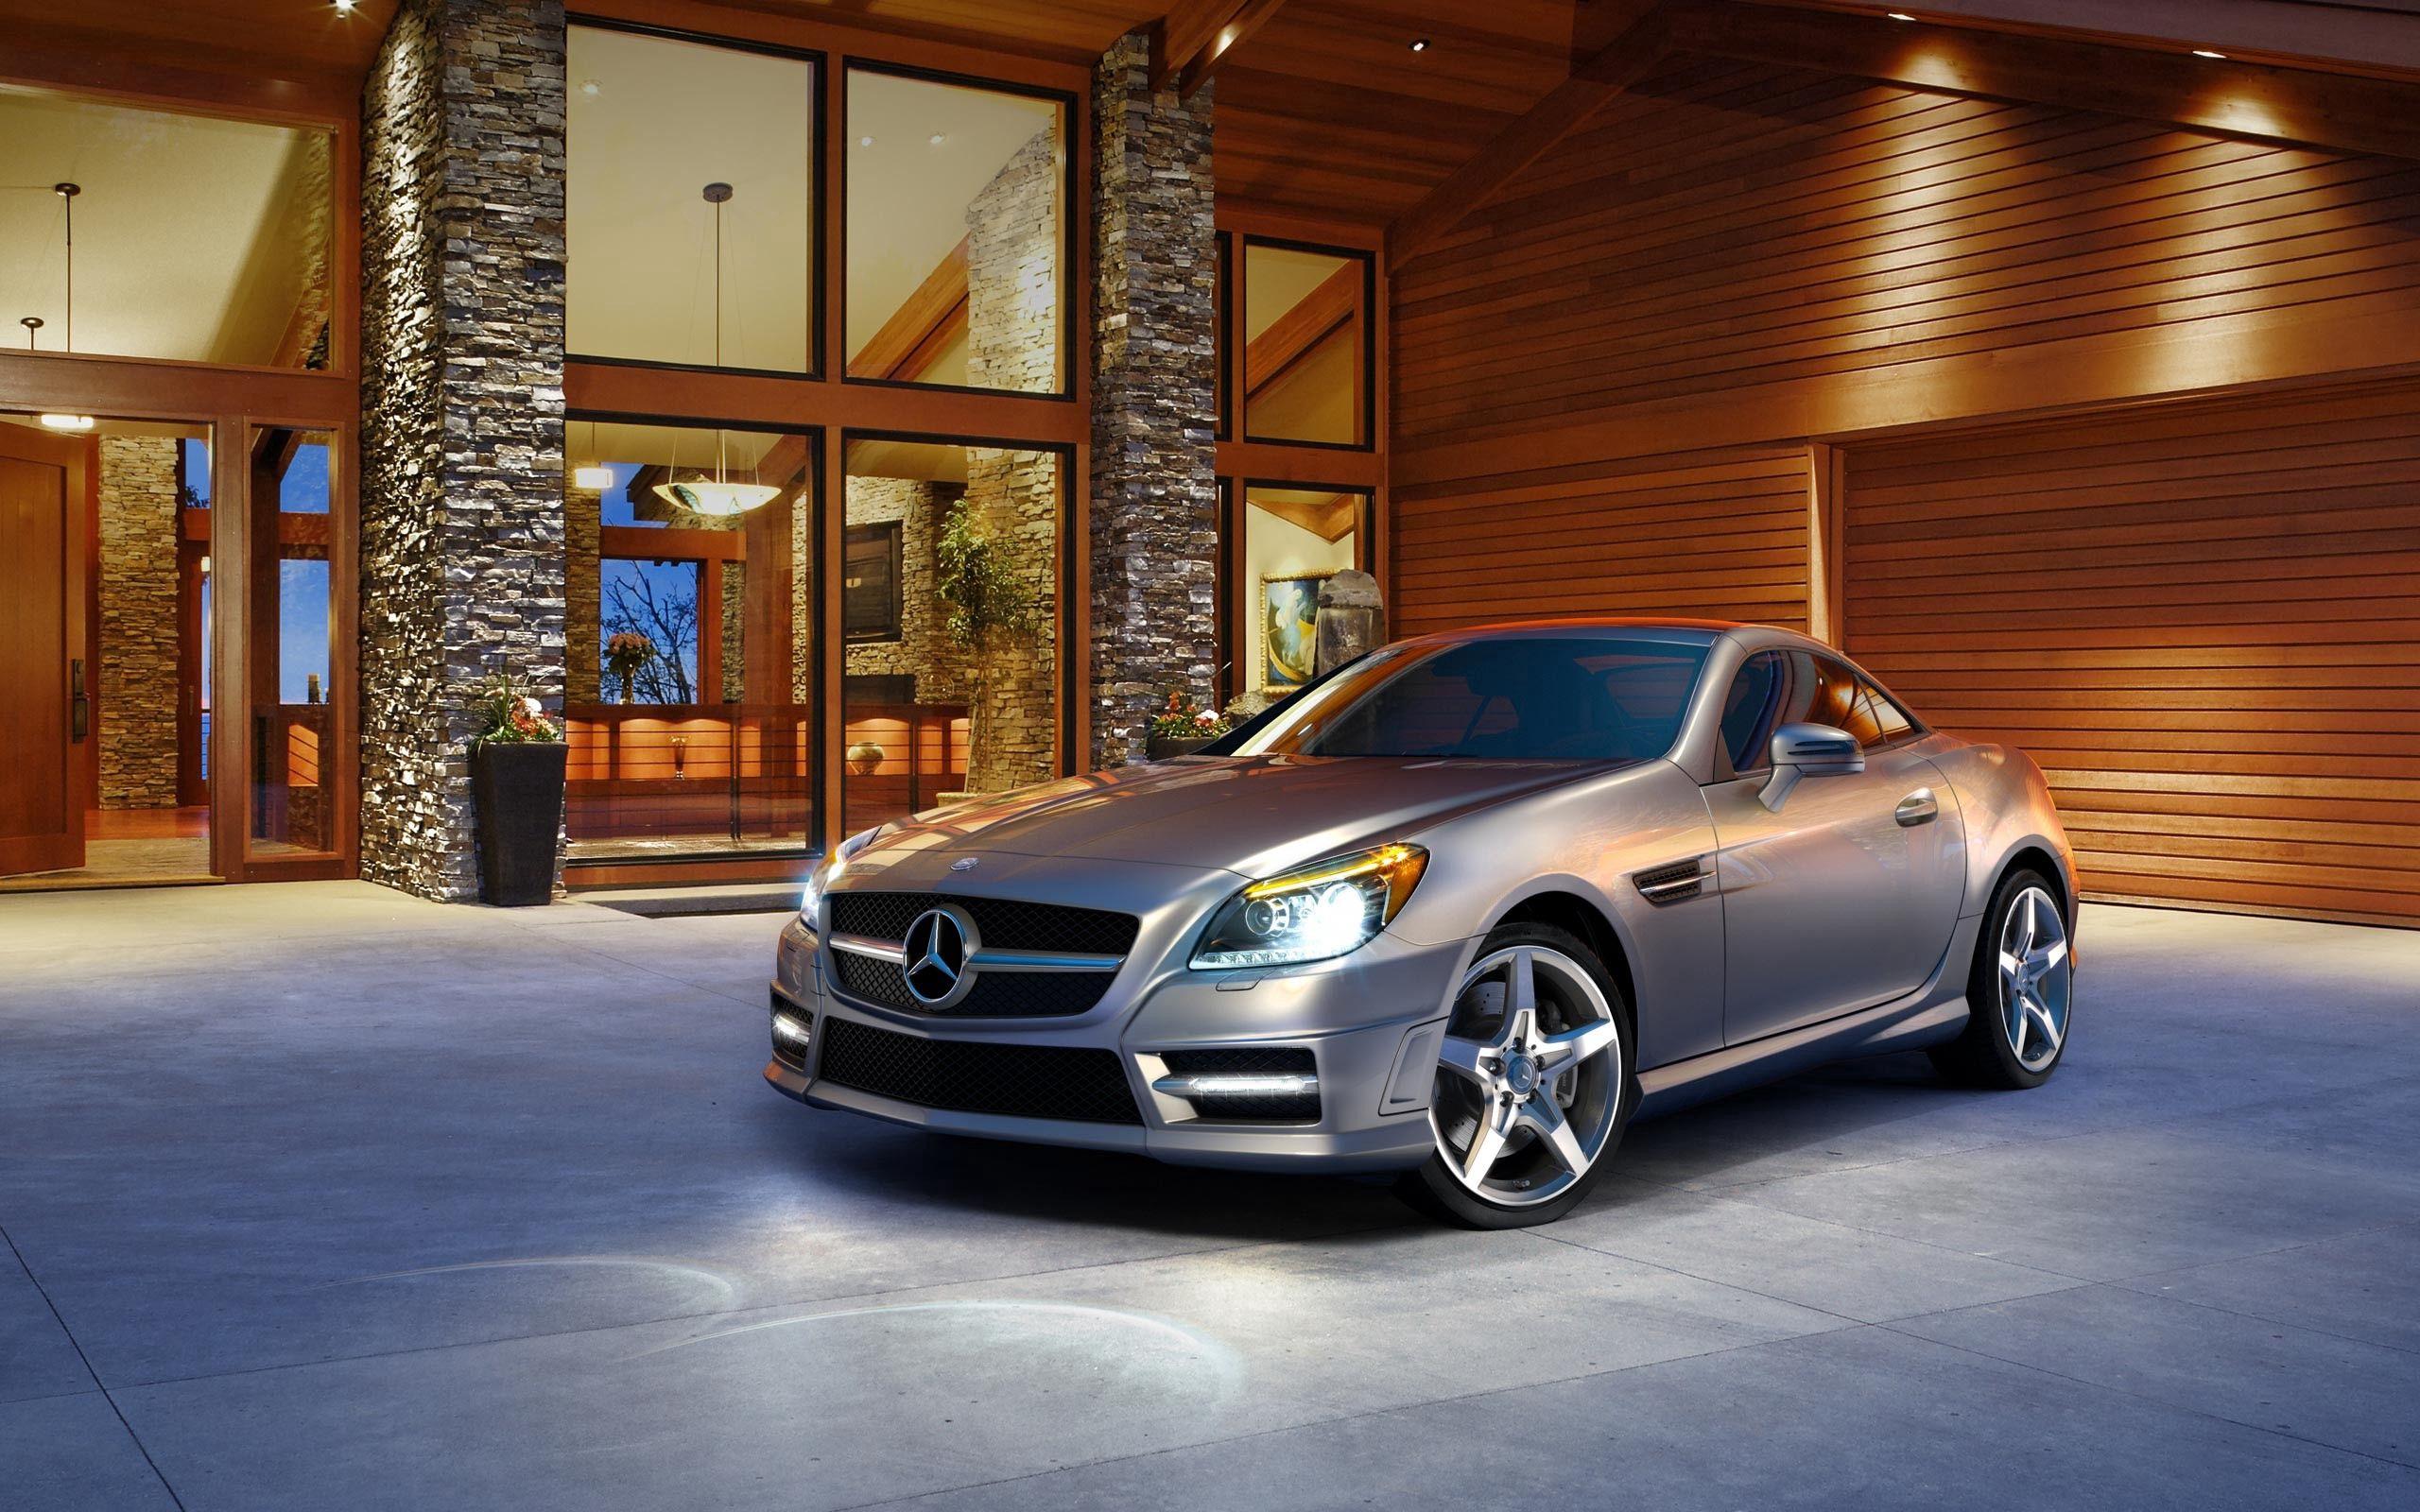 58455 descargar fondo de pantalla Coches, Mercedes, Automóvil, Estilo: protectores de pantalla e imágenes gratis